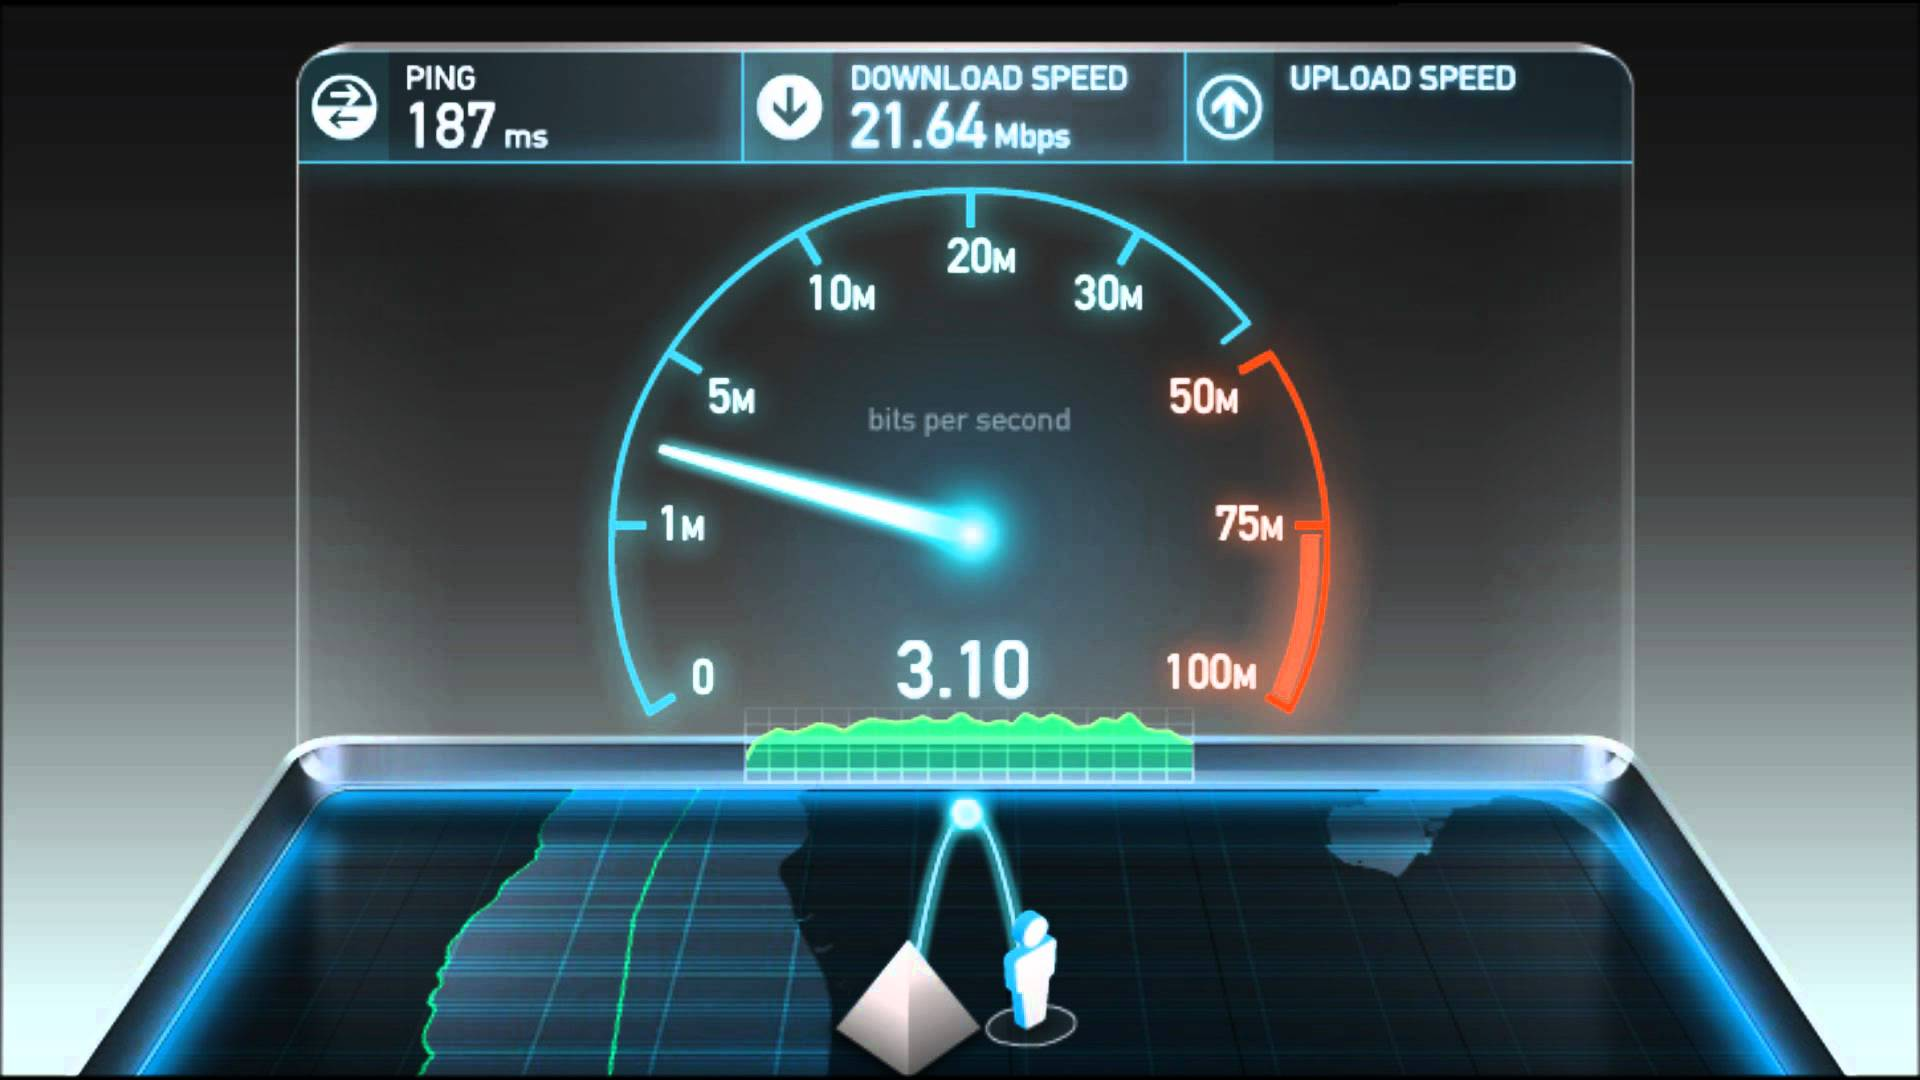 İnternet Hız Testi Nasıl Yapılır